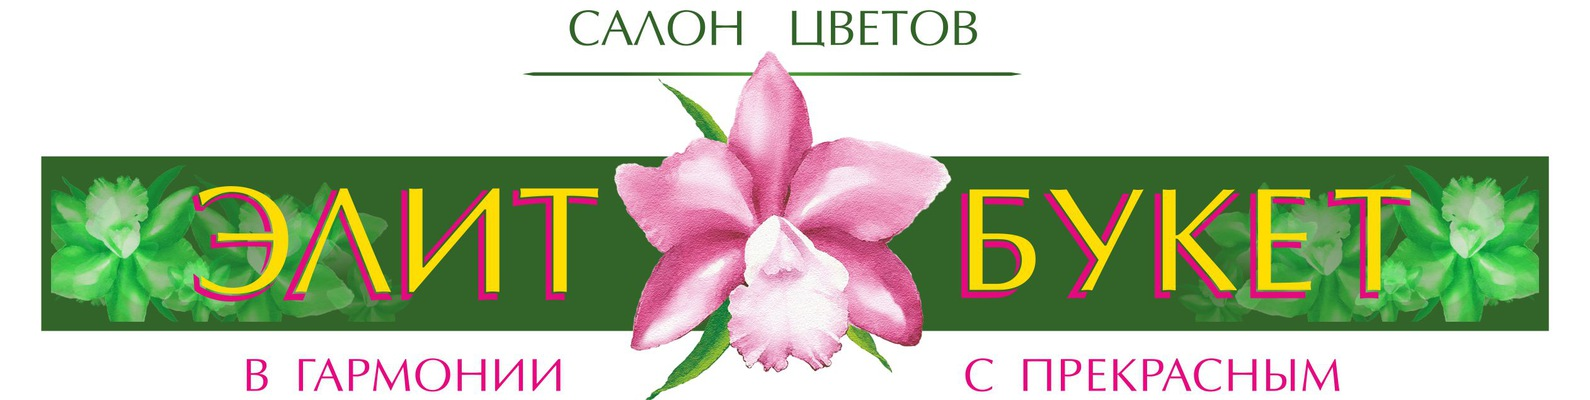 Свадебные, доставка цветов рязань круглосуточная екатеринбург